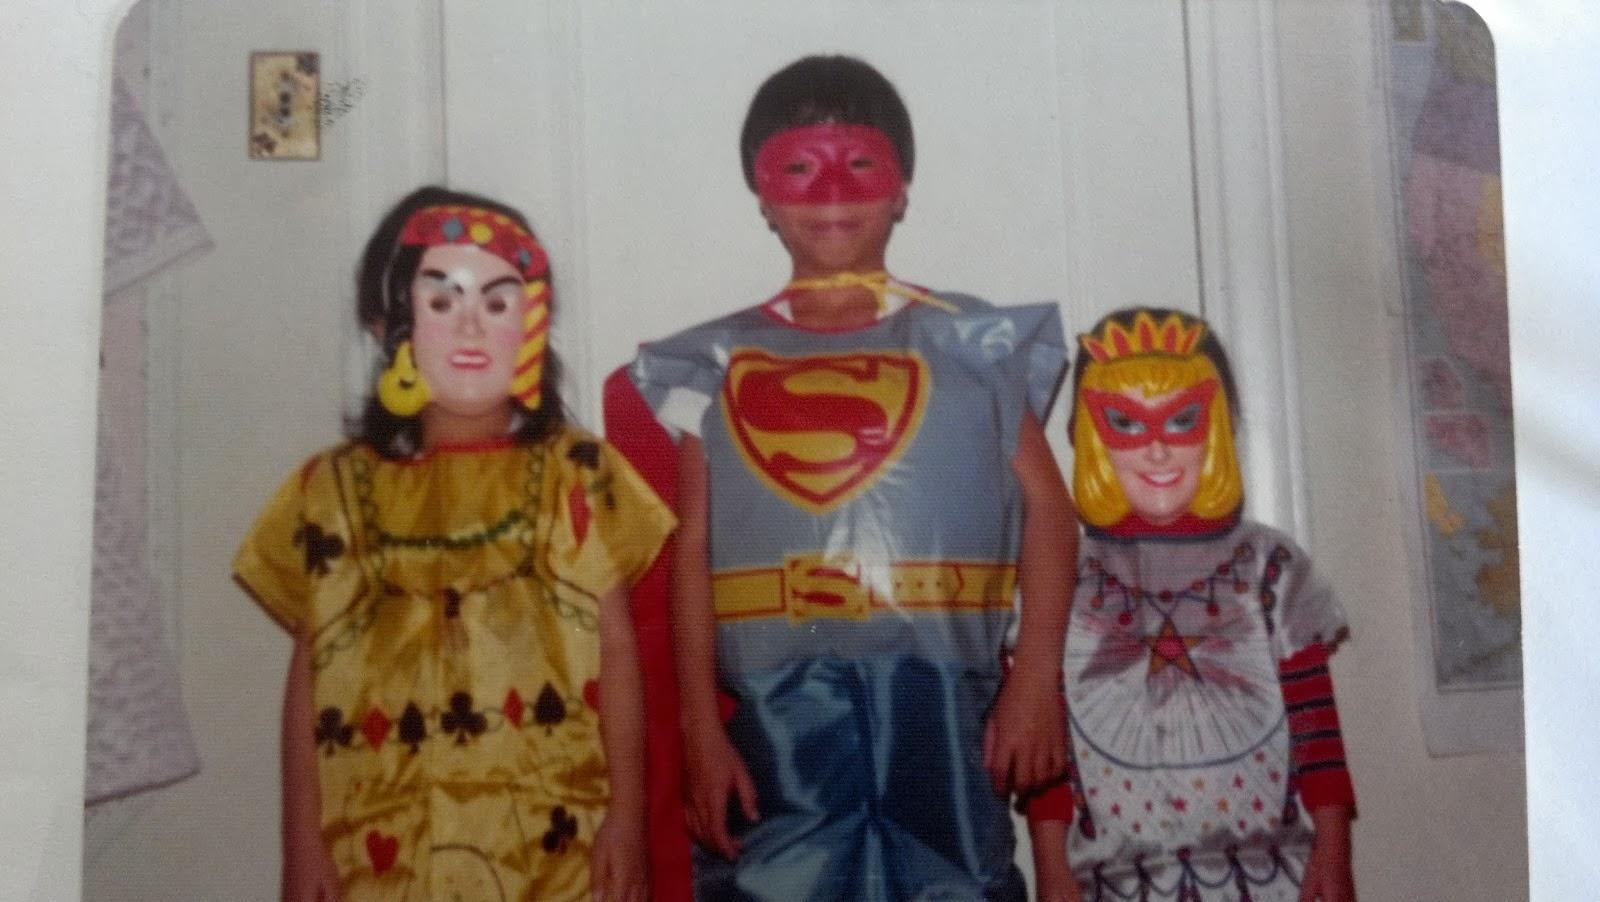 Crappy Halloween Costumes - a la the 70s.  sc 1 st  Itu0027s Jenny Time & Itu0027s Jenny Time: Crappy Halloween Costumes - a la the 70s...